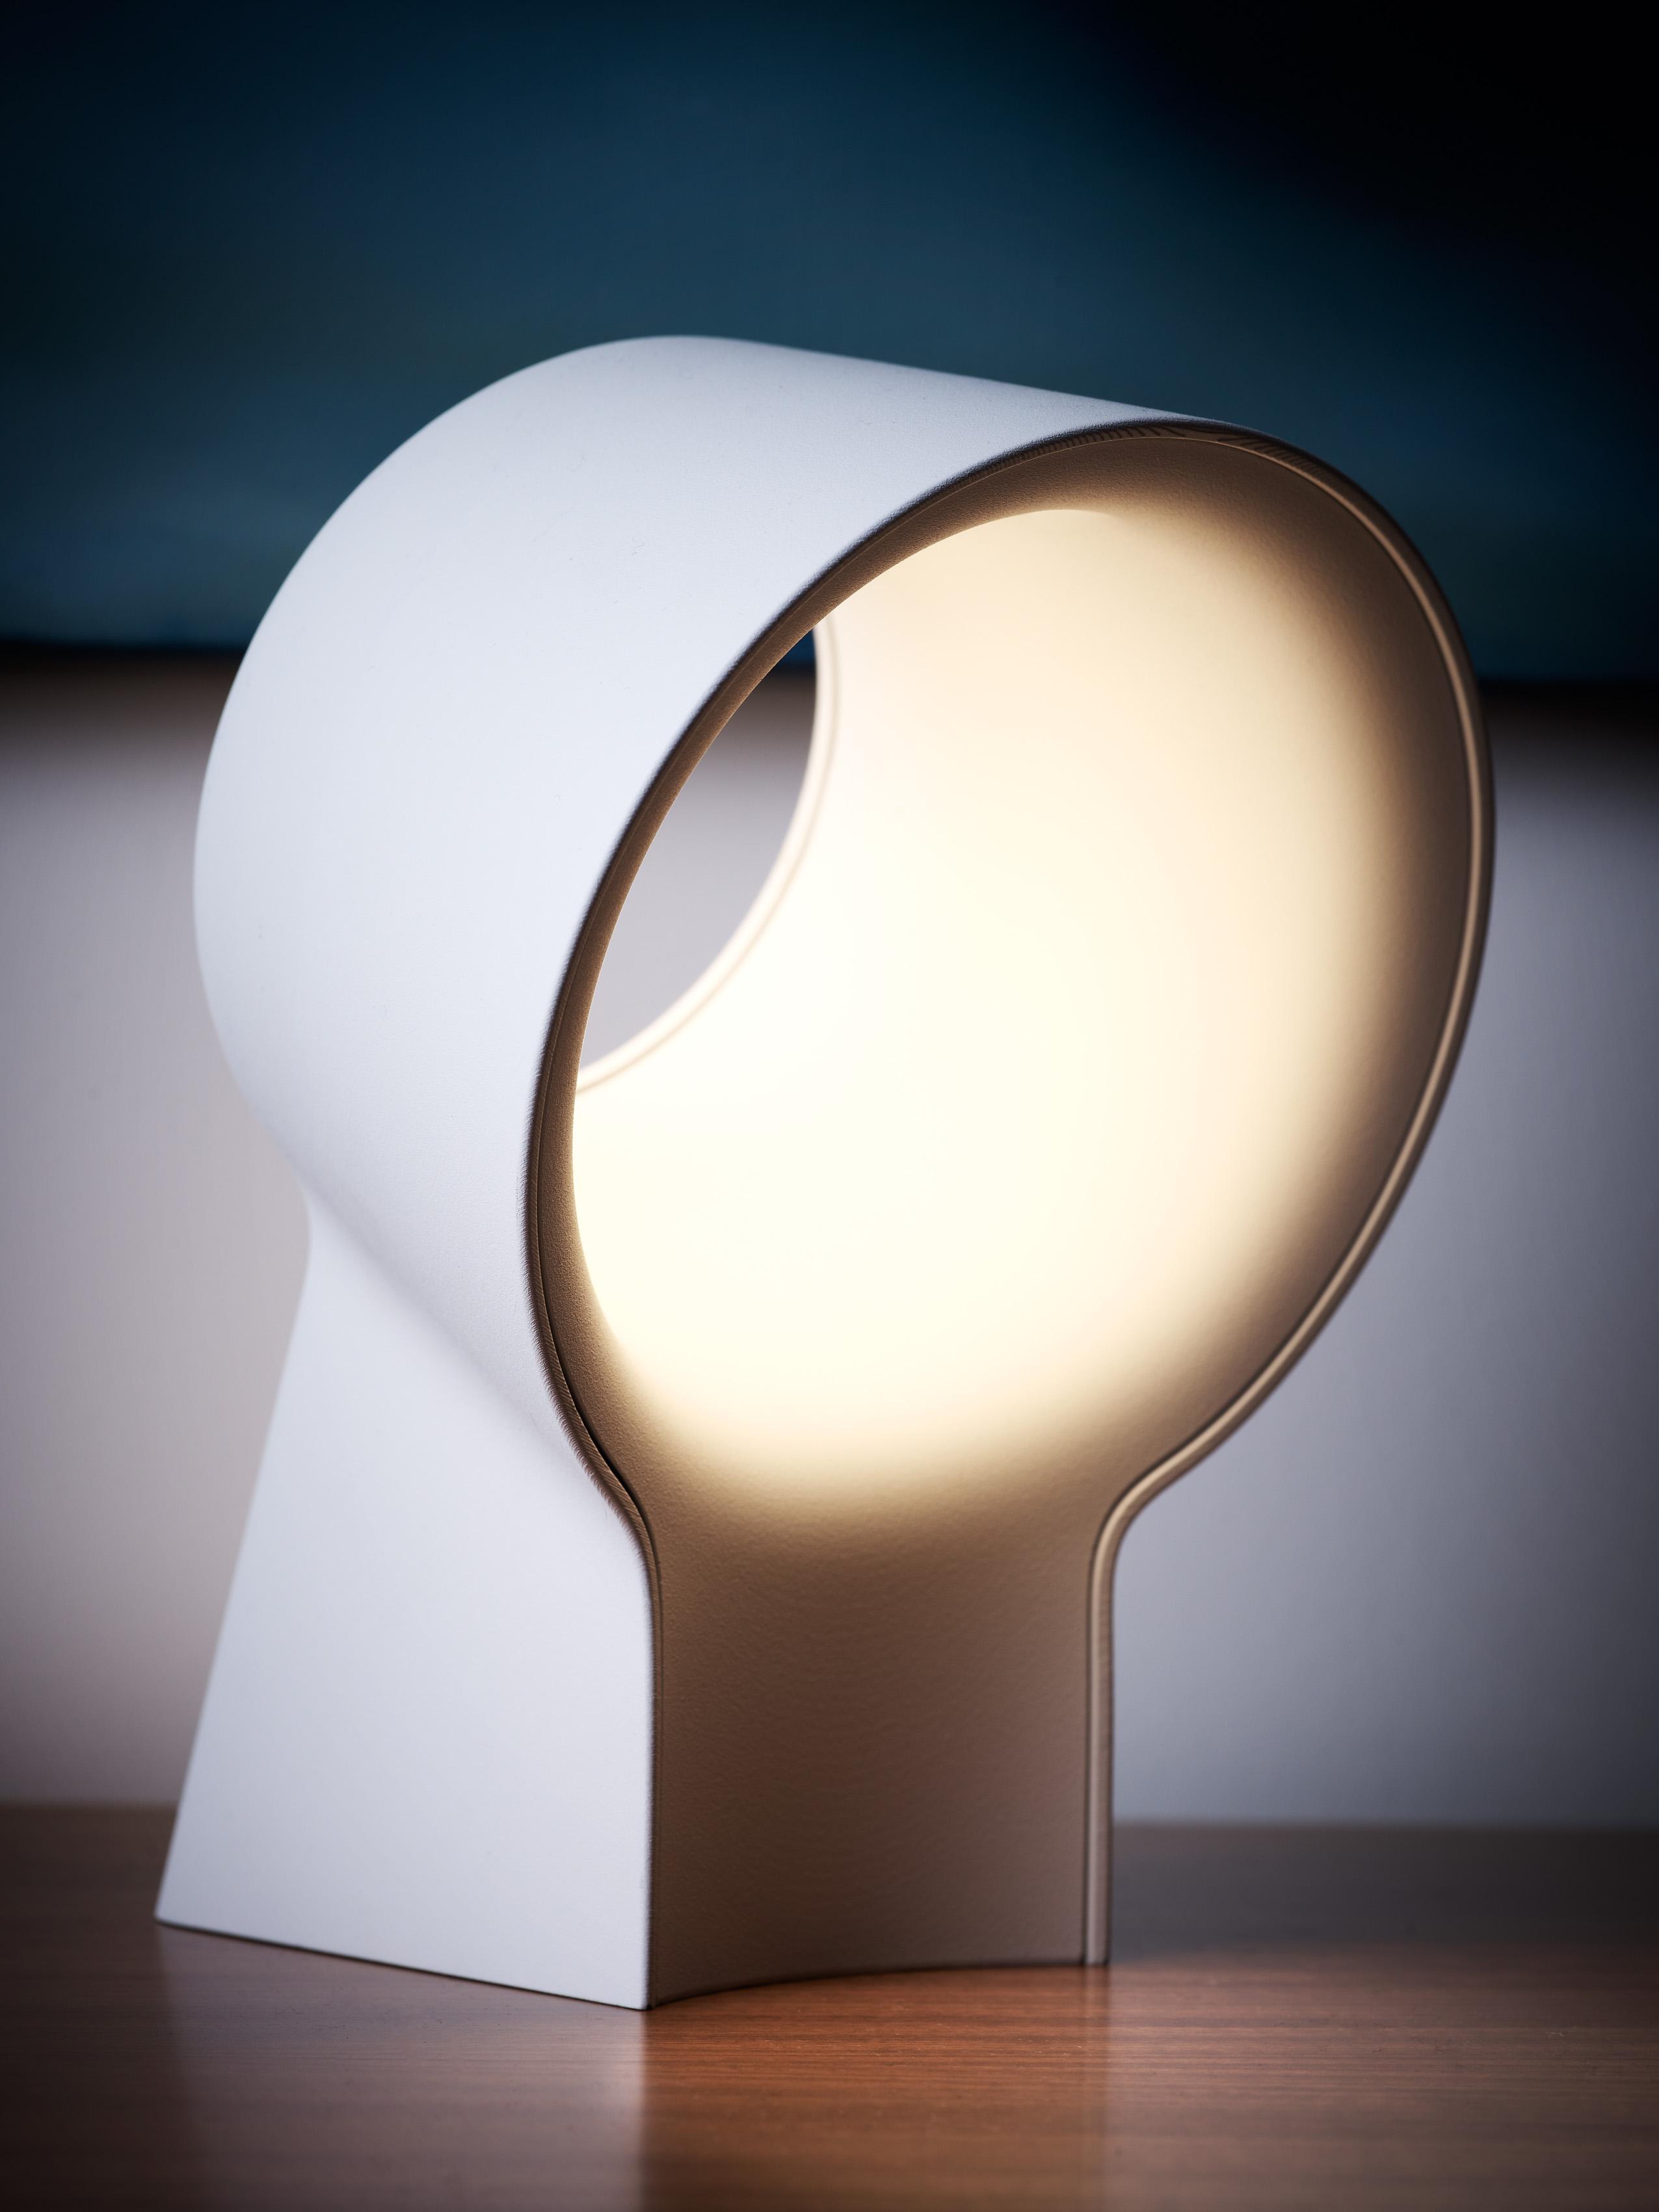 la lampe lente de philips de philips france. Black Bedroom Furniture Sets. Home Design Ideas